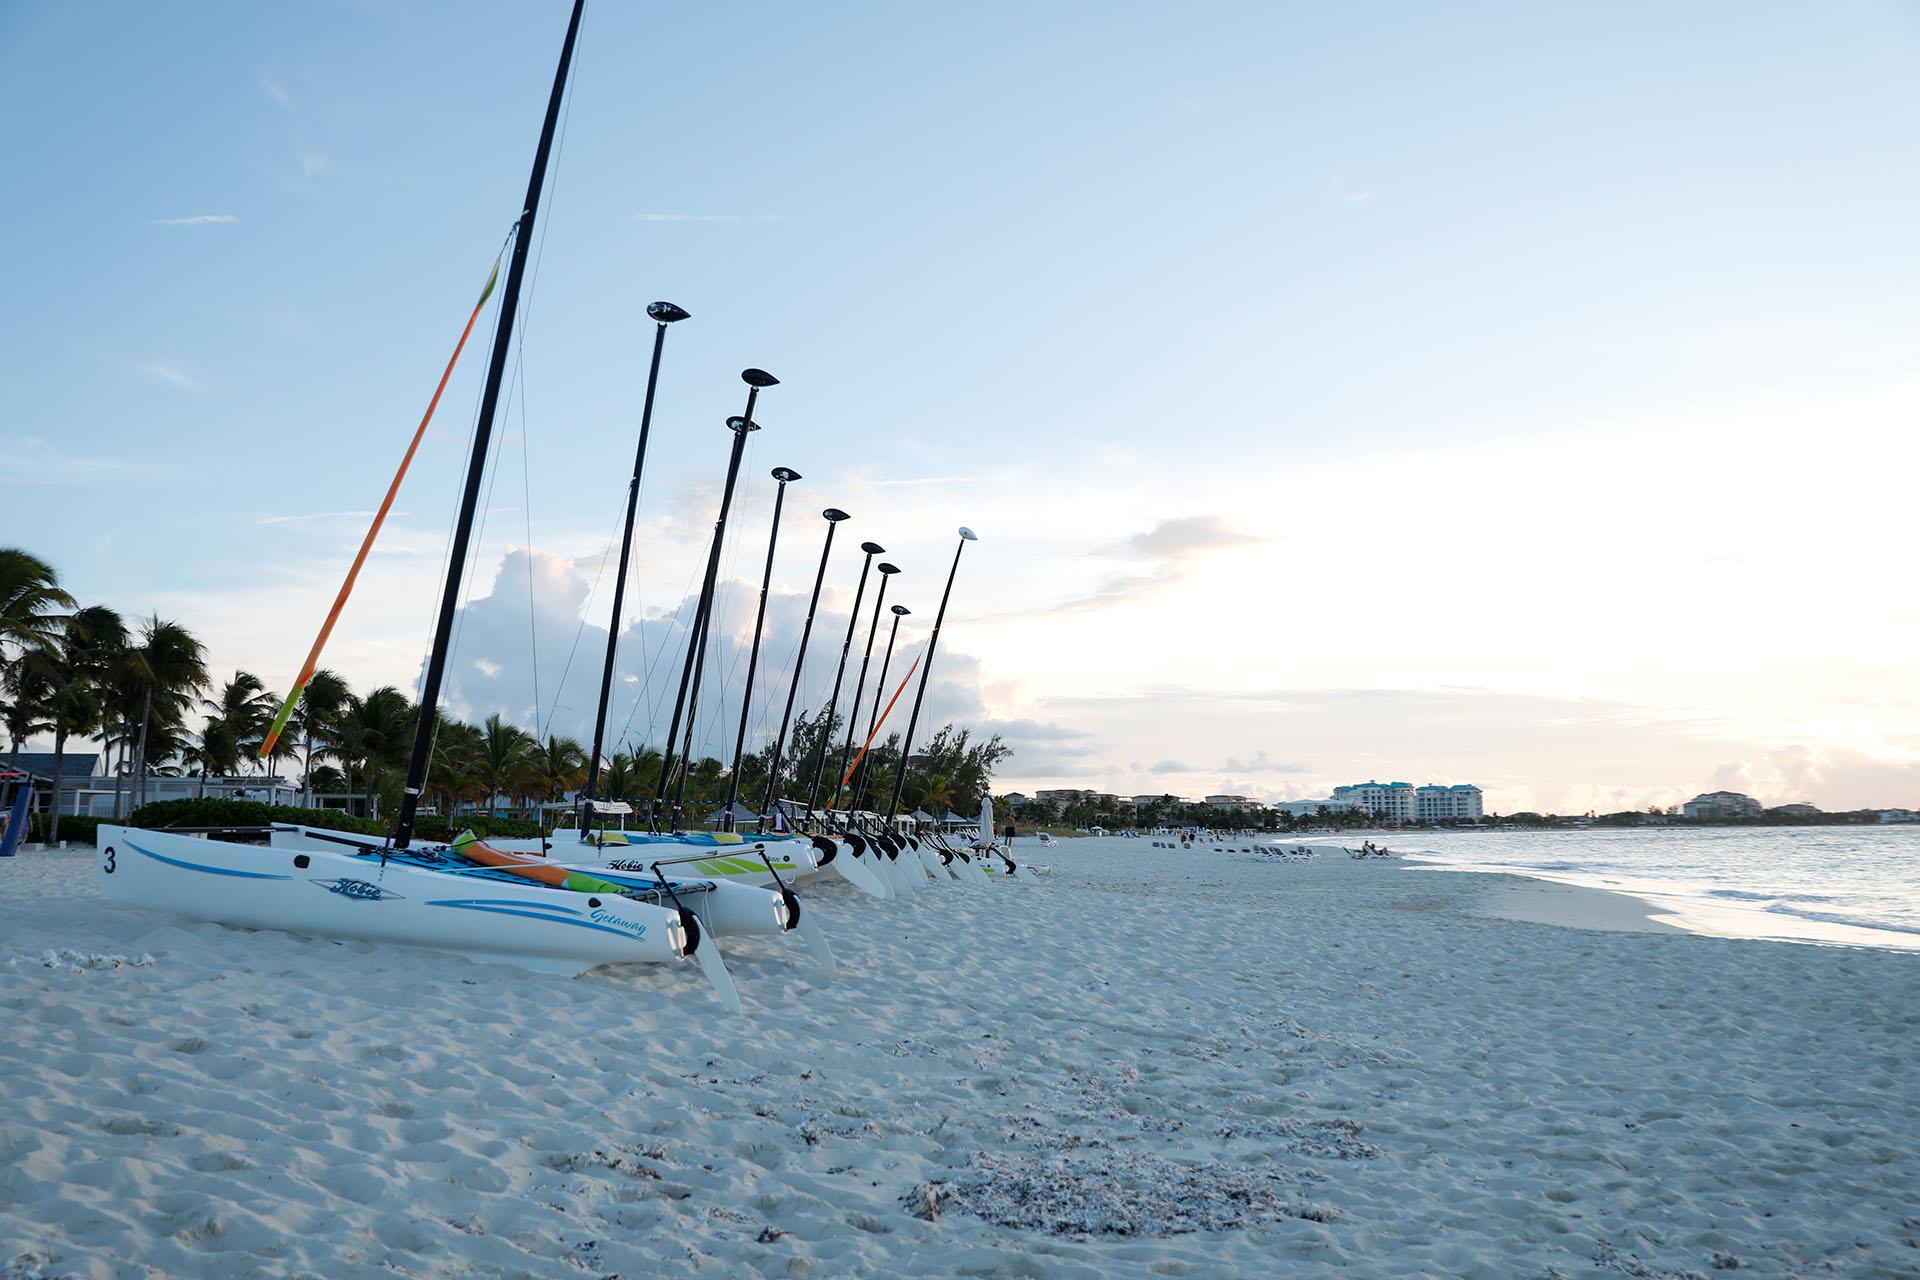 Fiel a su estilo de diversión y placer, el Club Med Turkoise ofrece un variado menú de actividades desde canchas de tenis, voley y gimnasio hasta remo, veleros, kayak, trapecio y velas